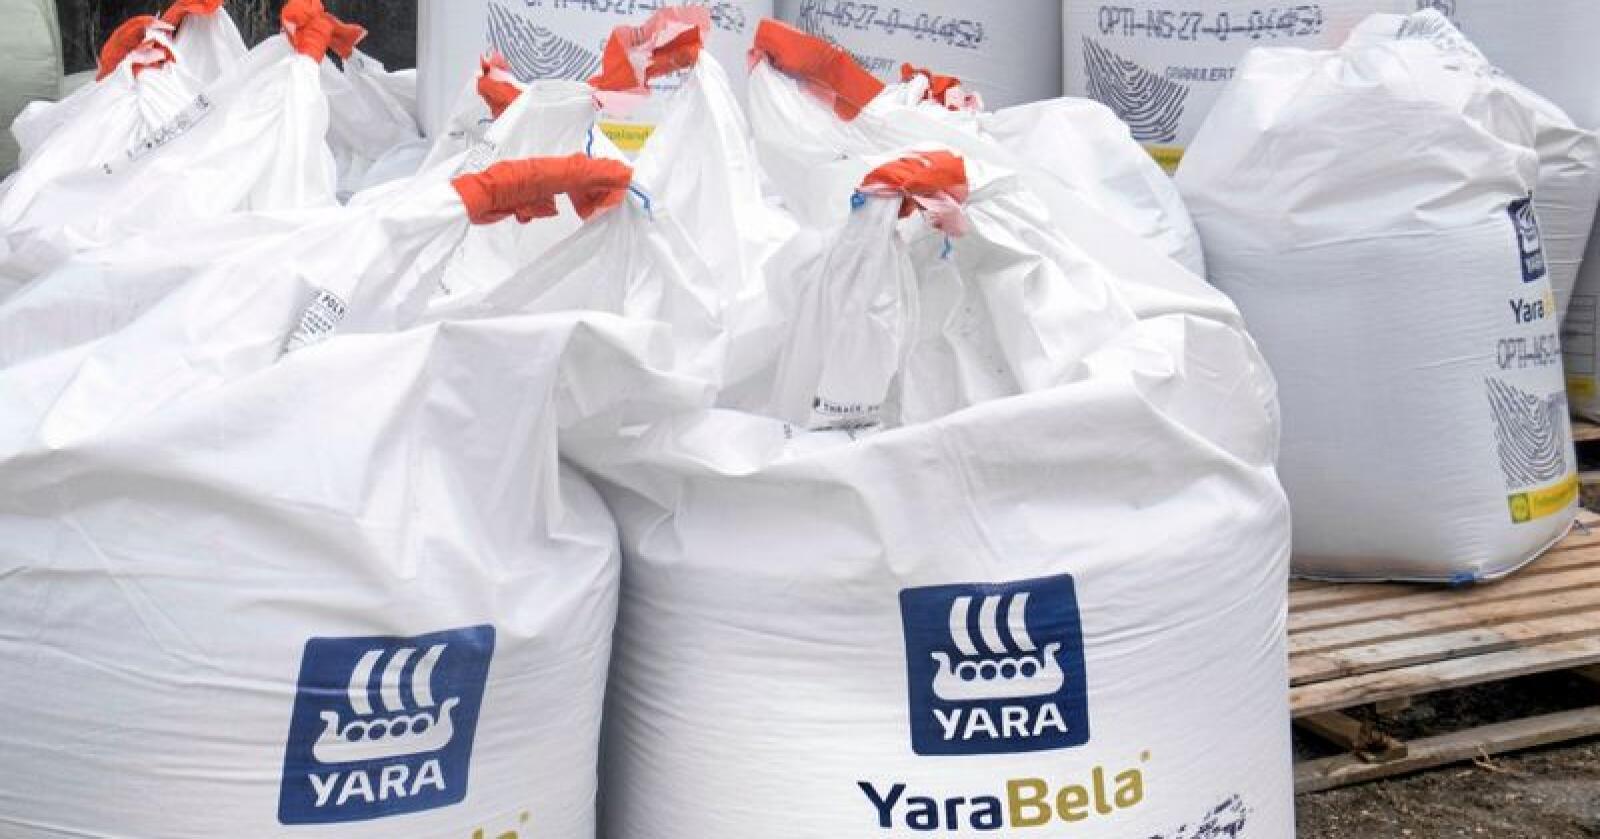 Yara skal gå gjennom produkta sine etter at EUs kjemikaliebyrå føreslo å forby tilsett mikroplast i gjødsel. Foto: Vidar Ruud/NTB scanpix